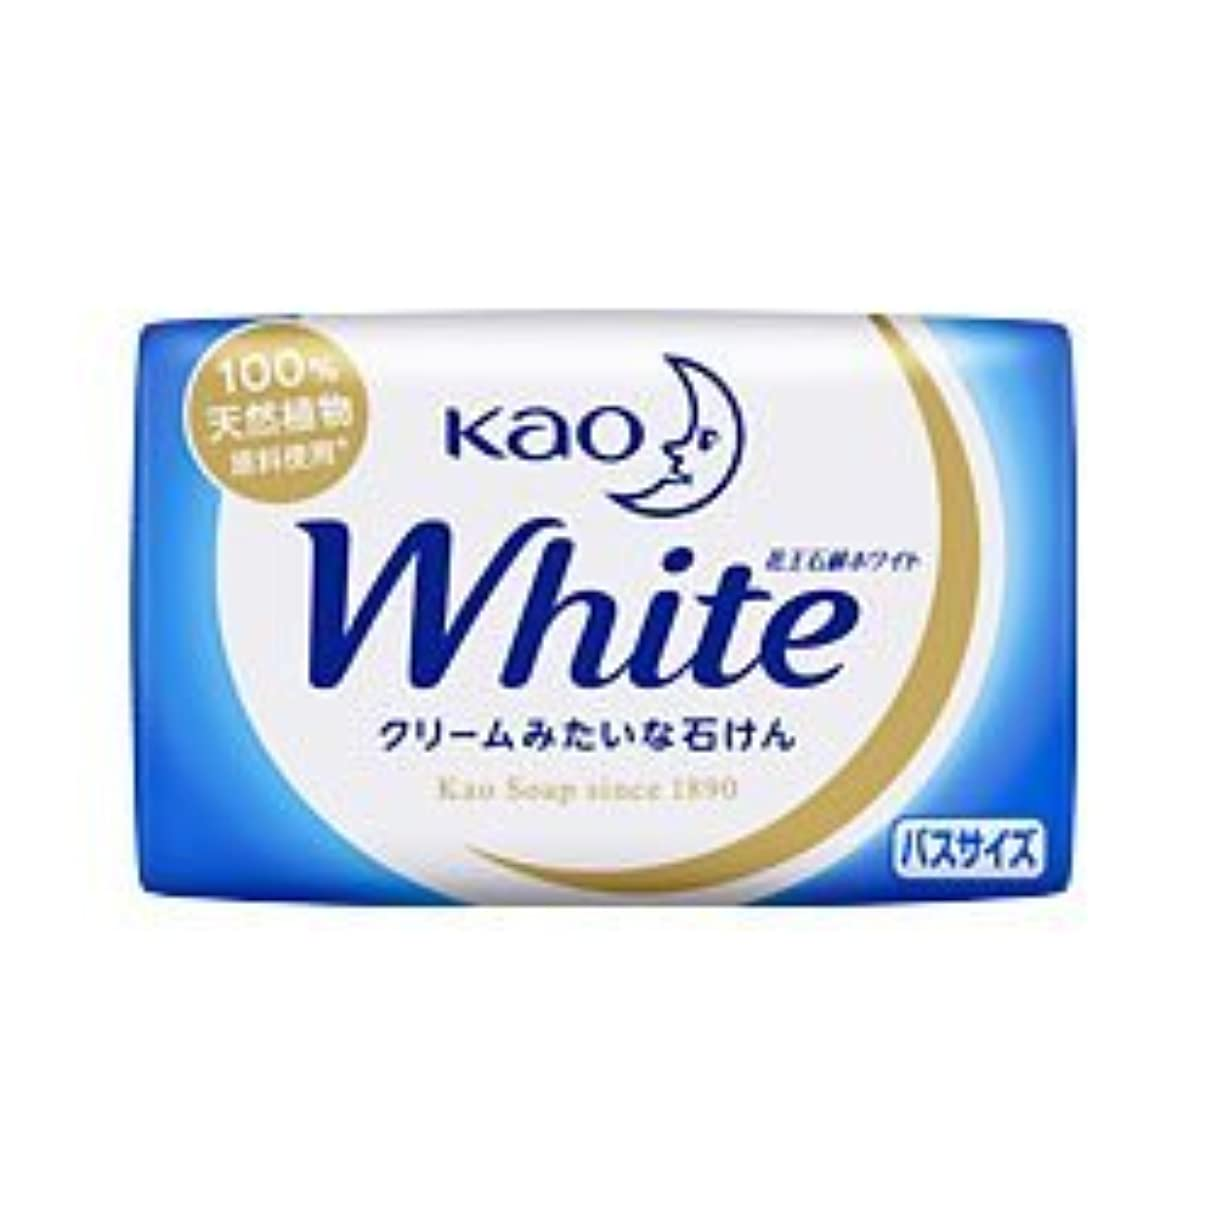 ストリームかわすノート【花王】花王ホワイト バスサイズ 1個 130g ×20個セット